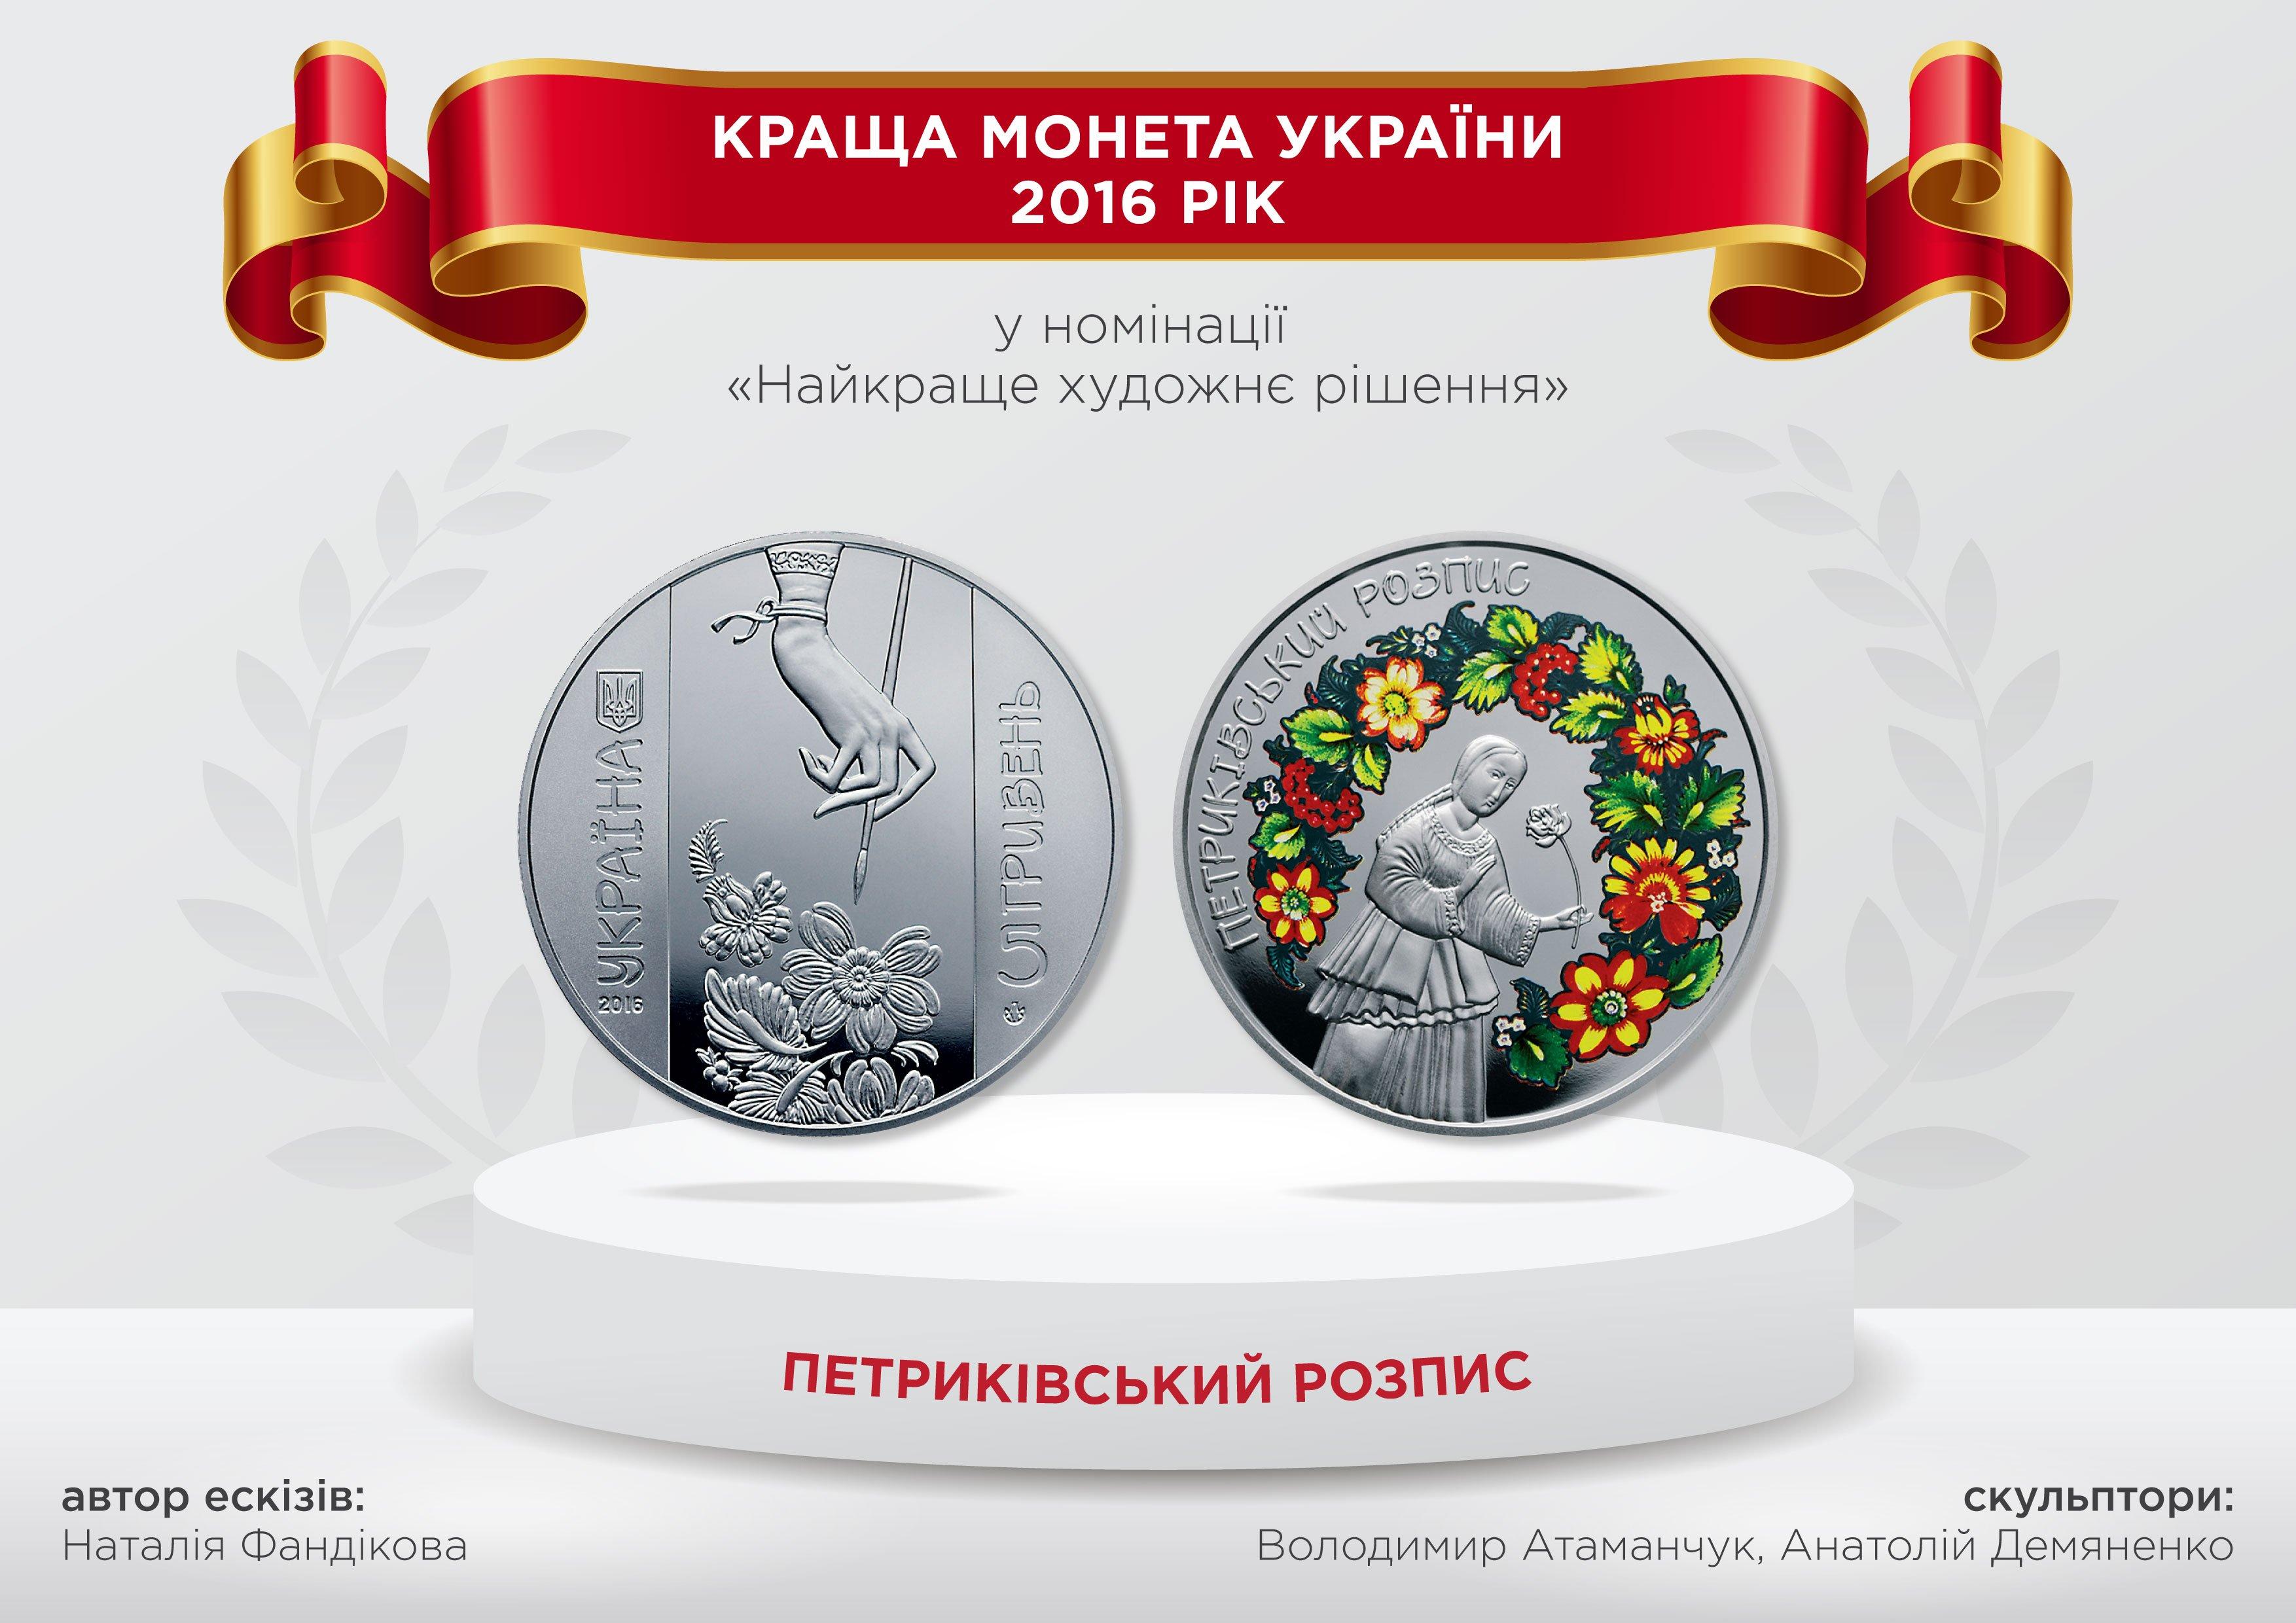 Нацбанк обнародовал фото лучшей монеты 2016 года